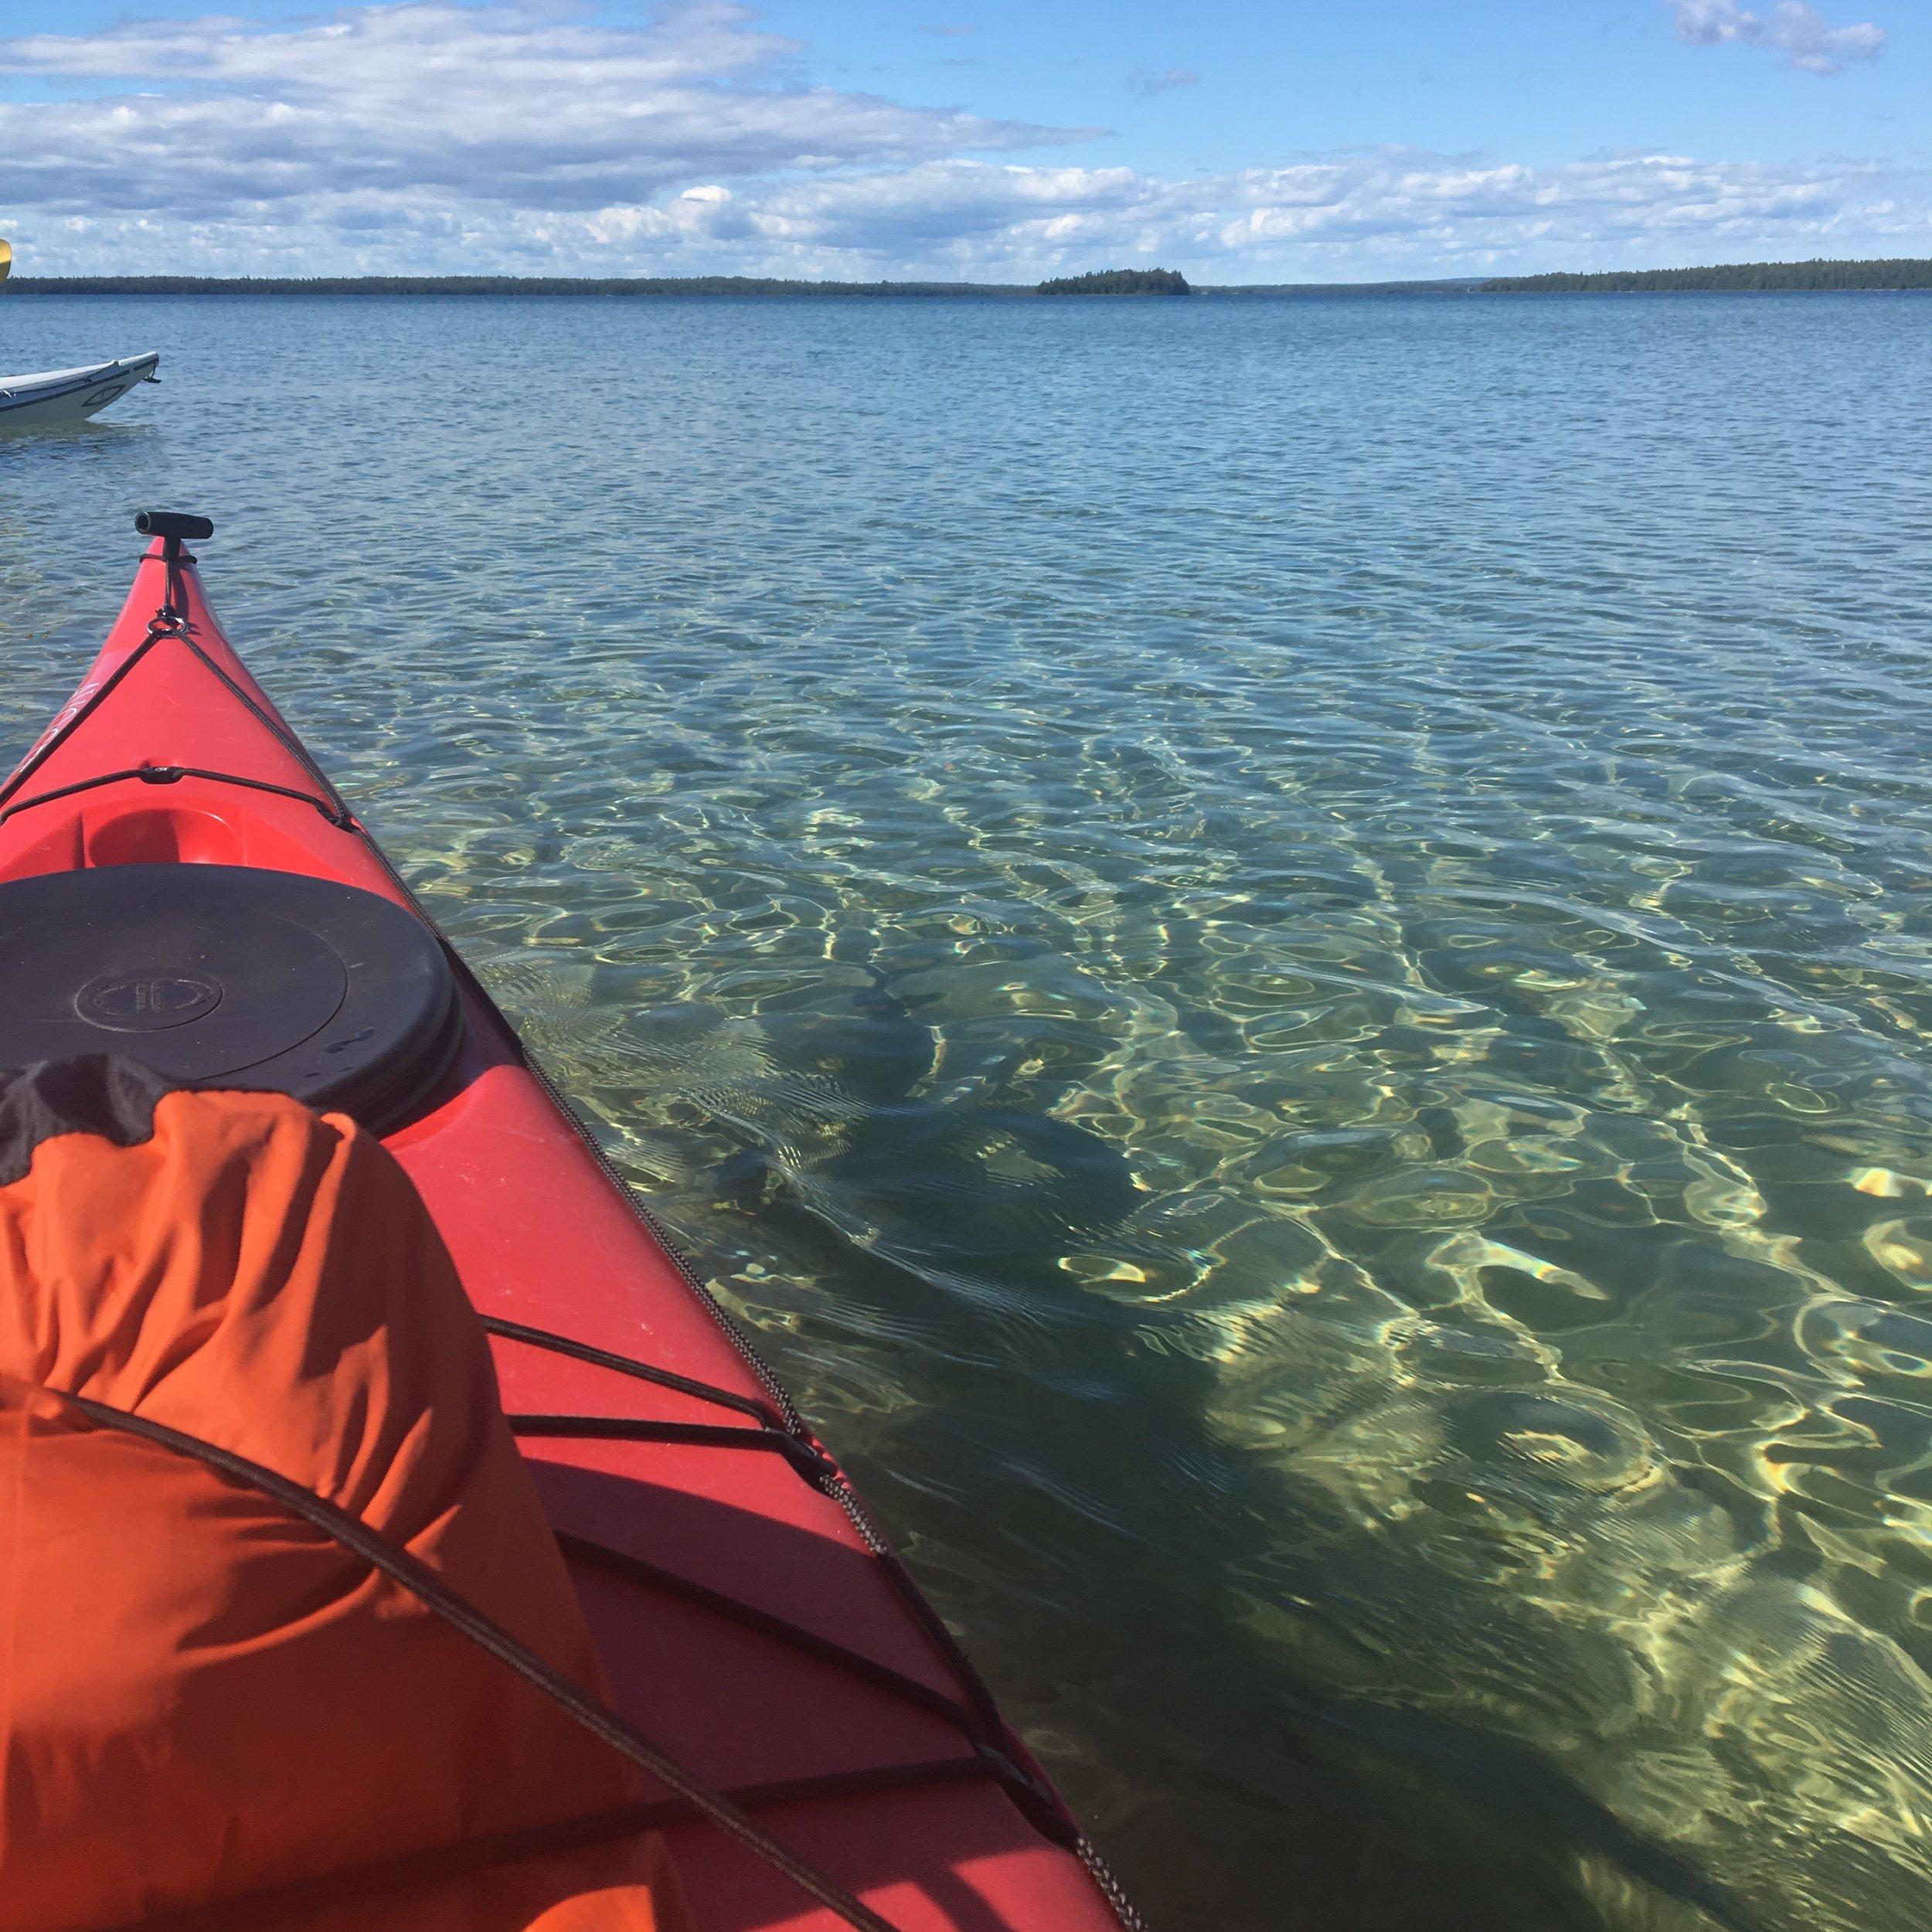 kayak-up-michigan.jpg